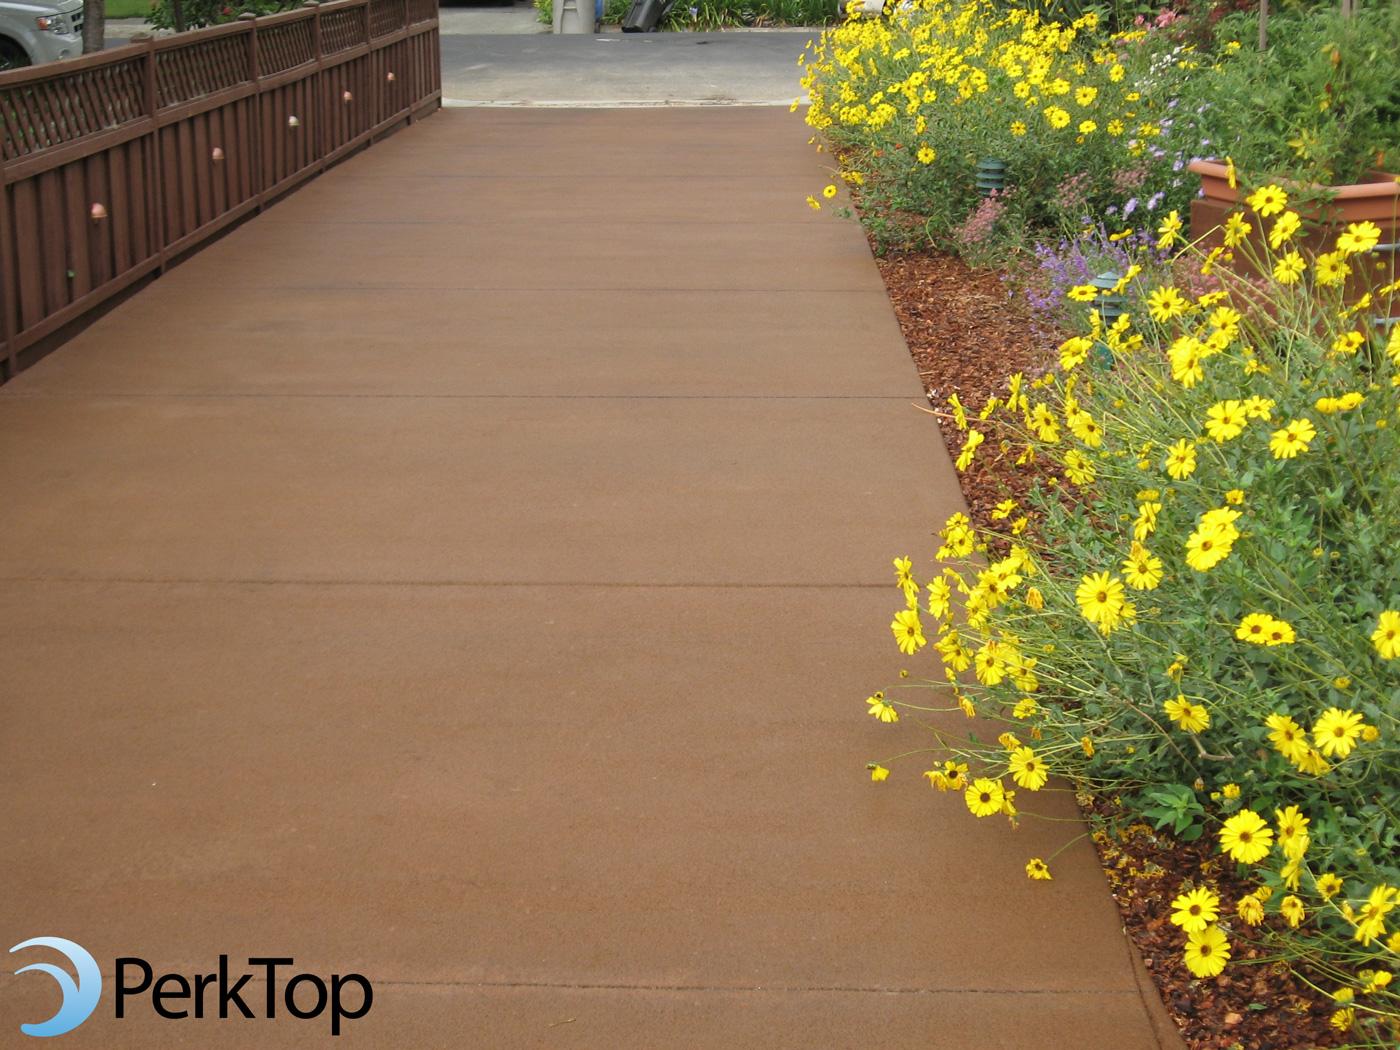 PerkTop-brown-porous-concrete-driveway